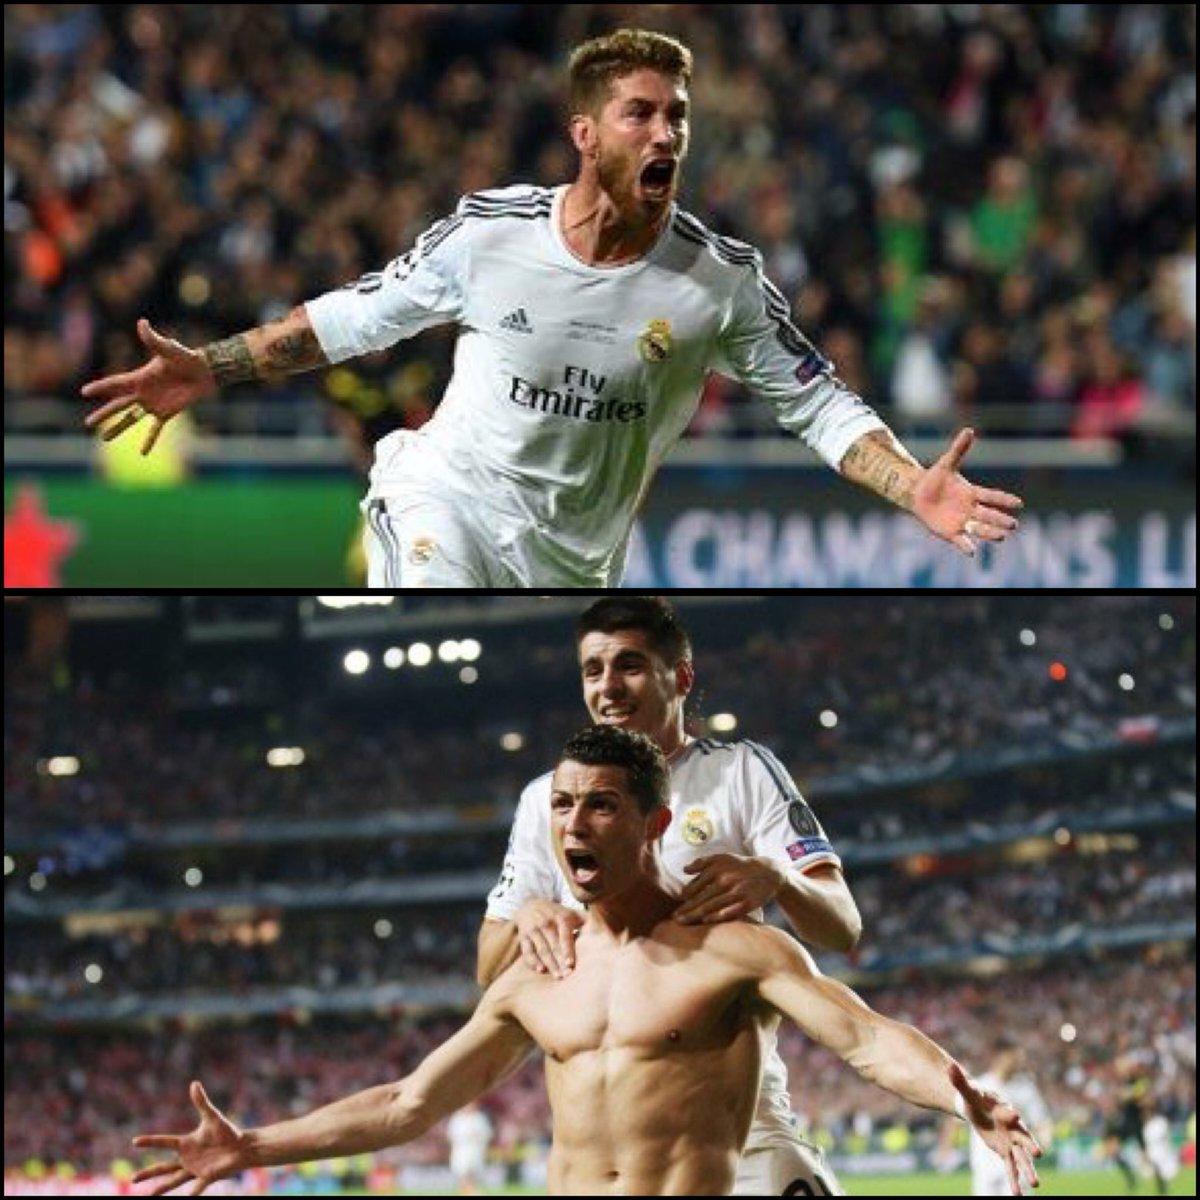 Il y a 4 ans jour pour jour, le 24 mai 2014, le Real Madrid remportait sa 10 ème Ligue des Champions Sergio Ramos avait égalisé à la dernière seconde, avant que l\